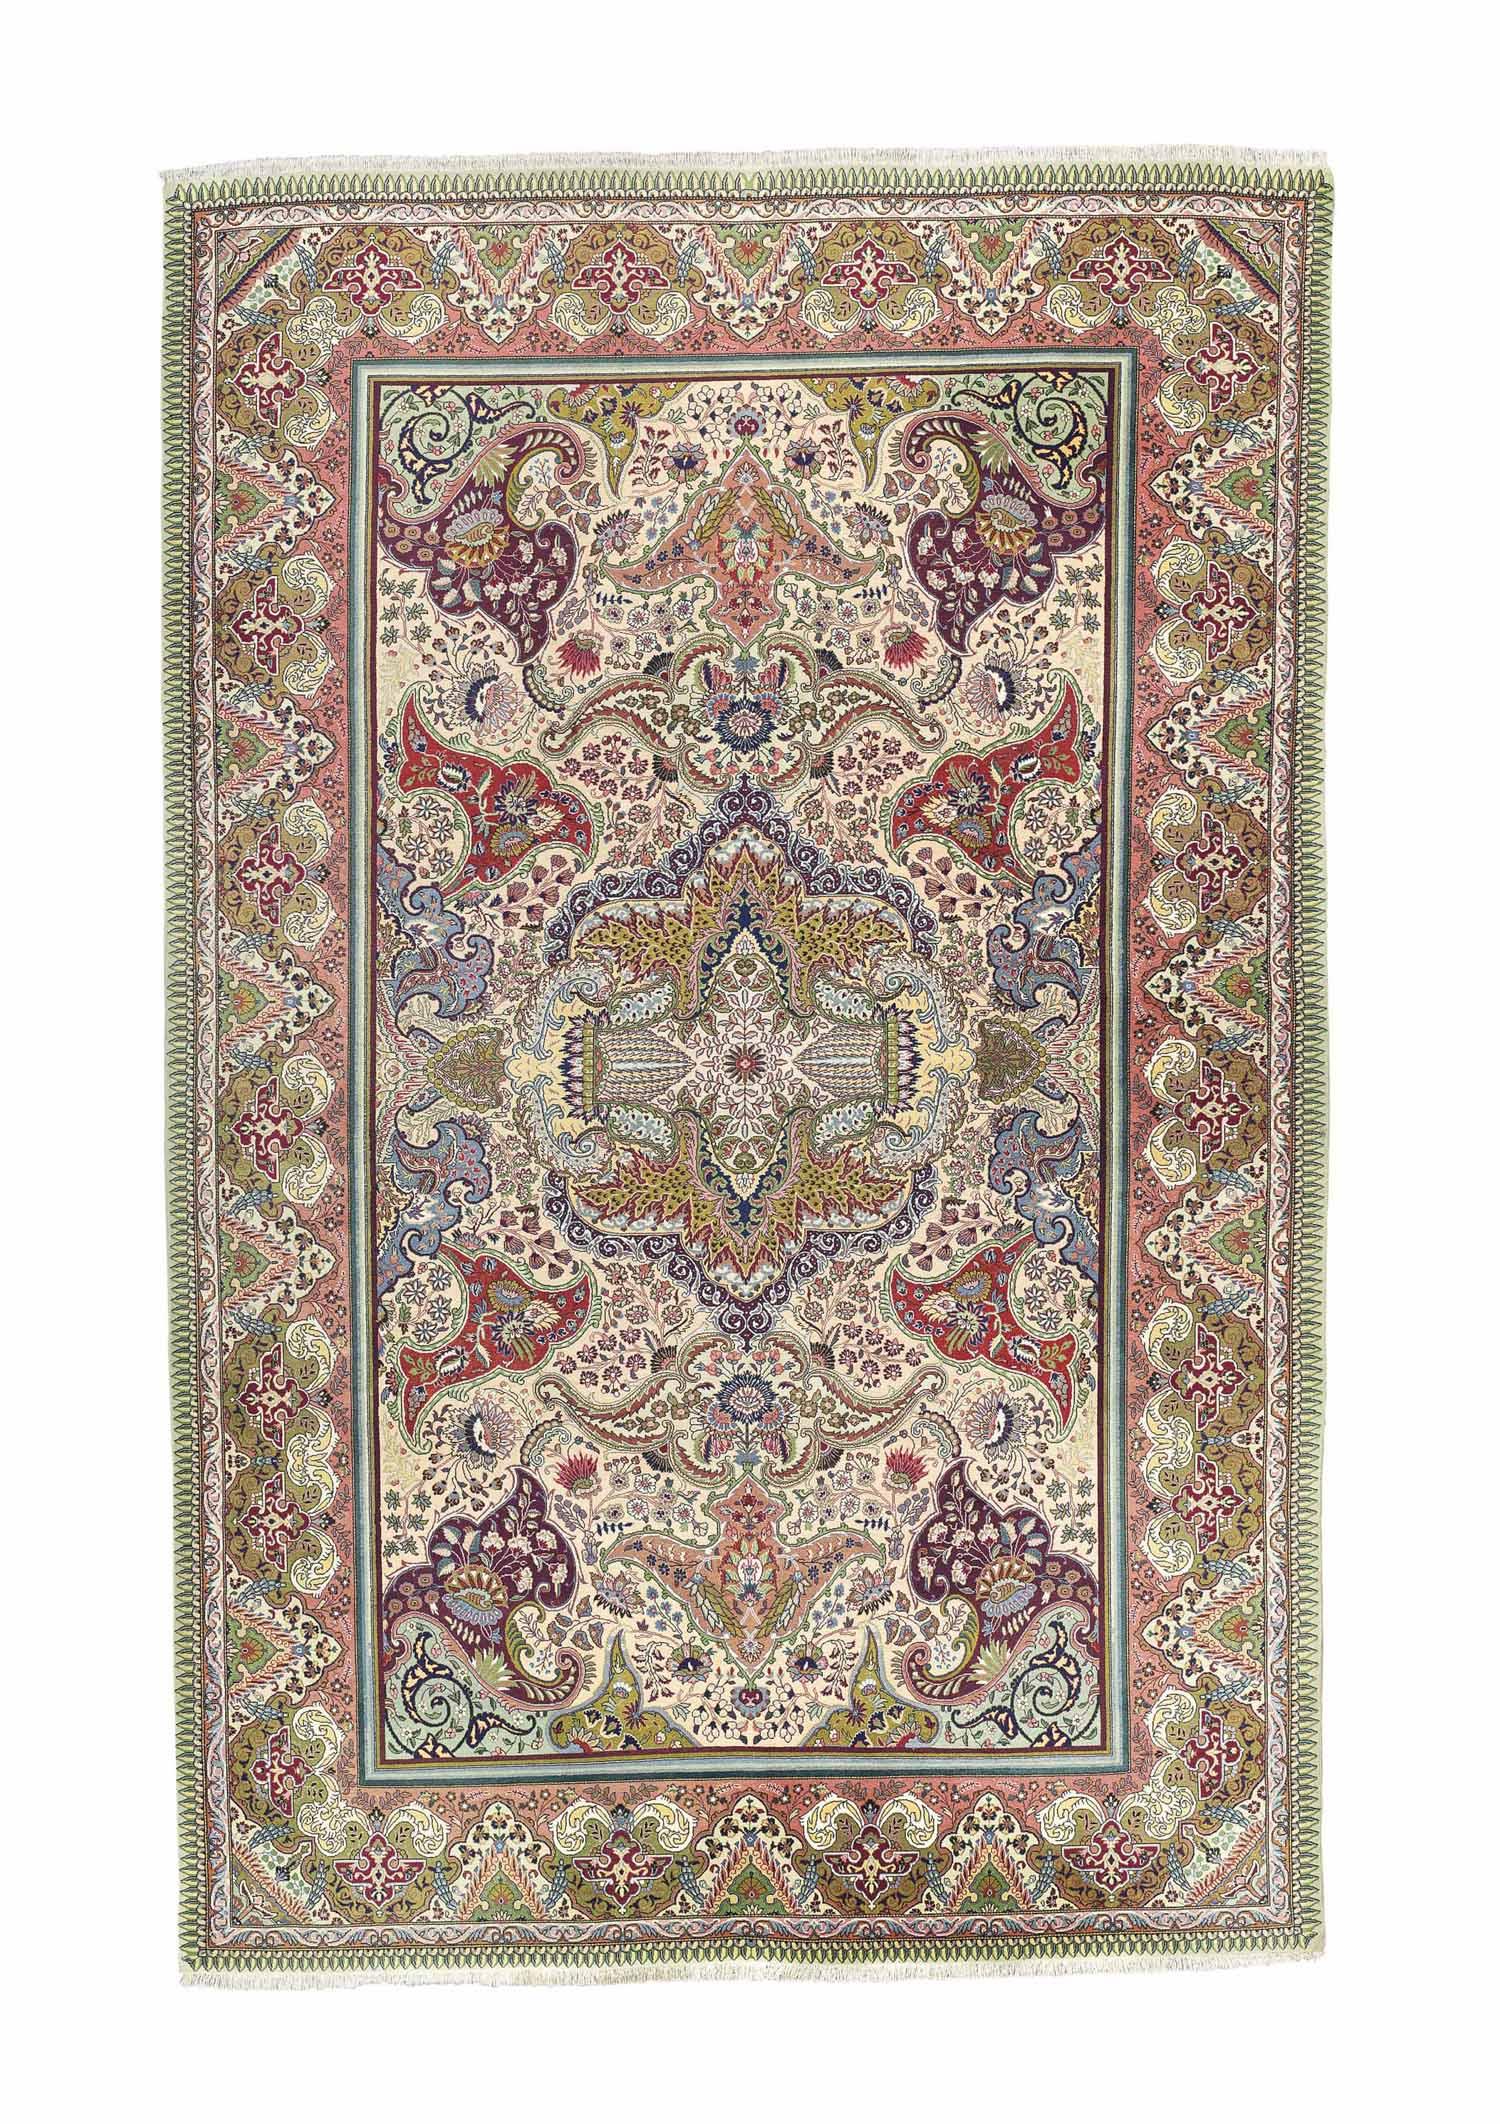 A very fine Tabriz carpet